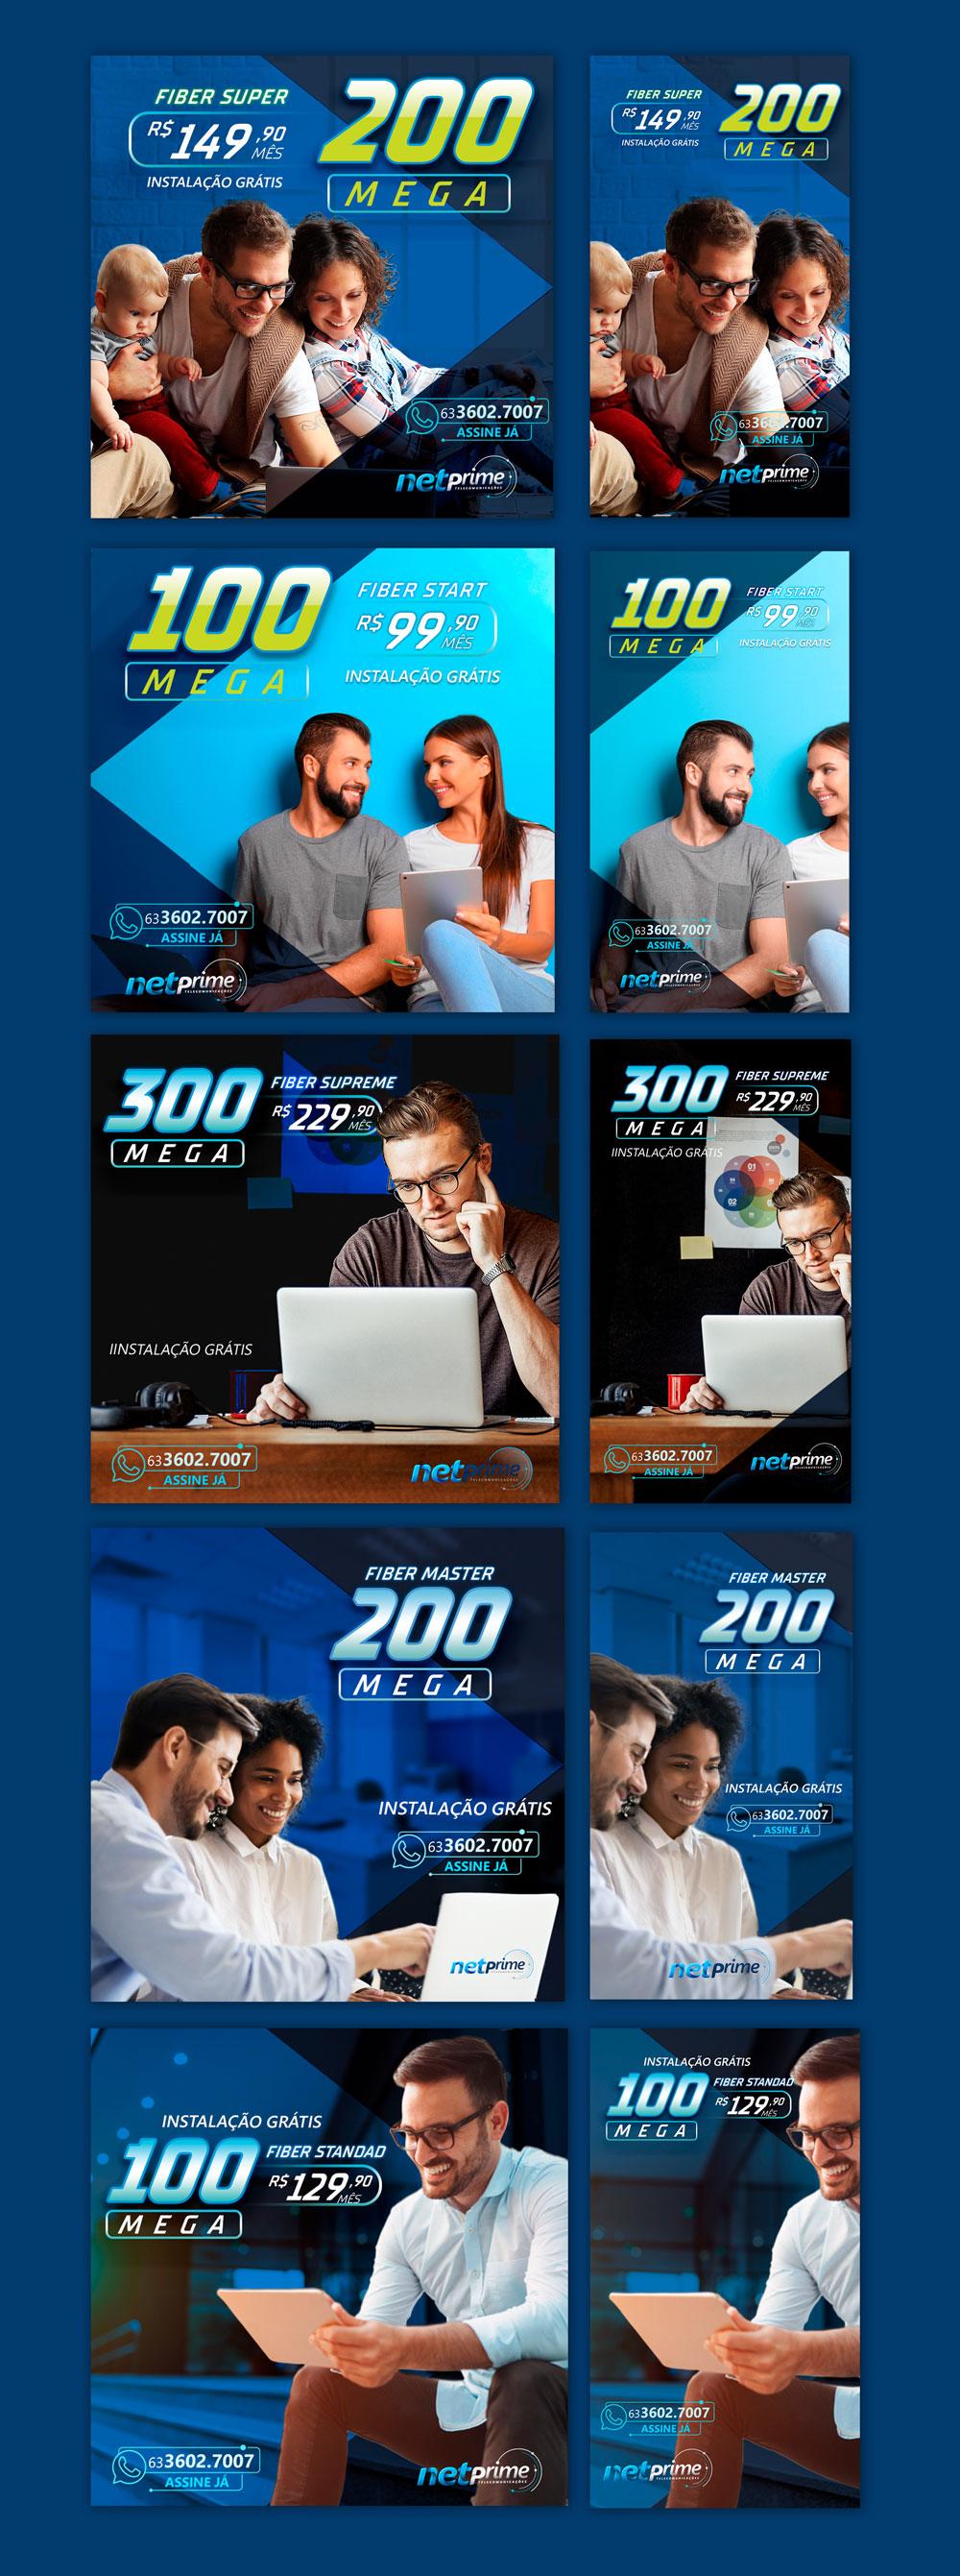 gestao-midias-sociais-redes-sociais-para-provedores-de-internet2